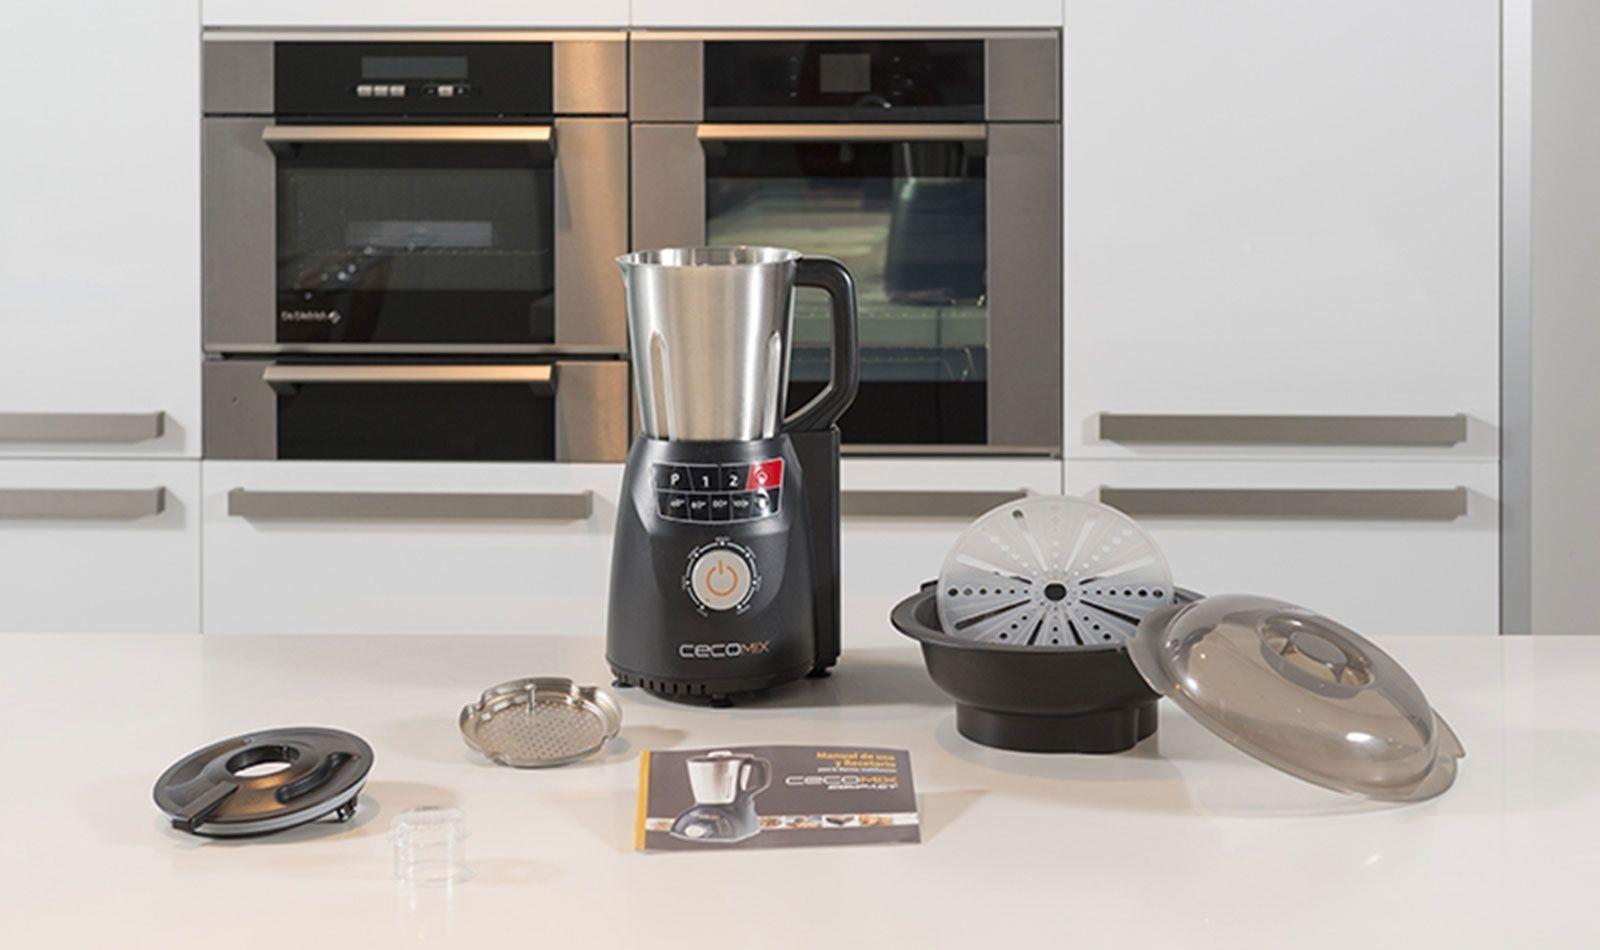 Opiniones Robots De Cocina Cecomix Compact Pro 4